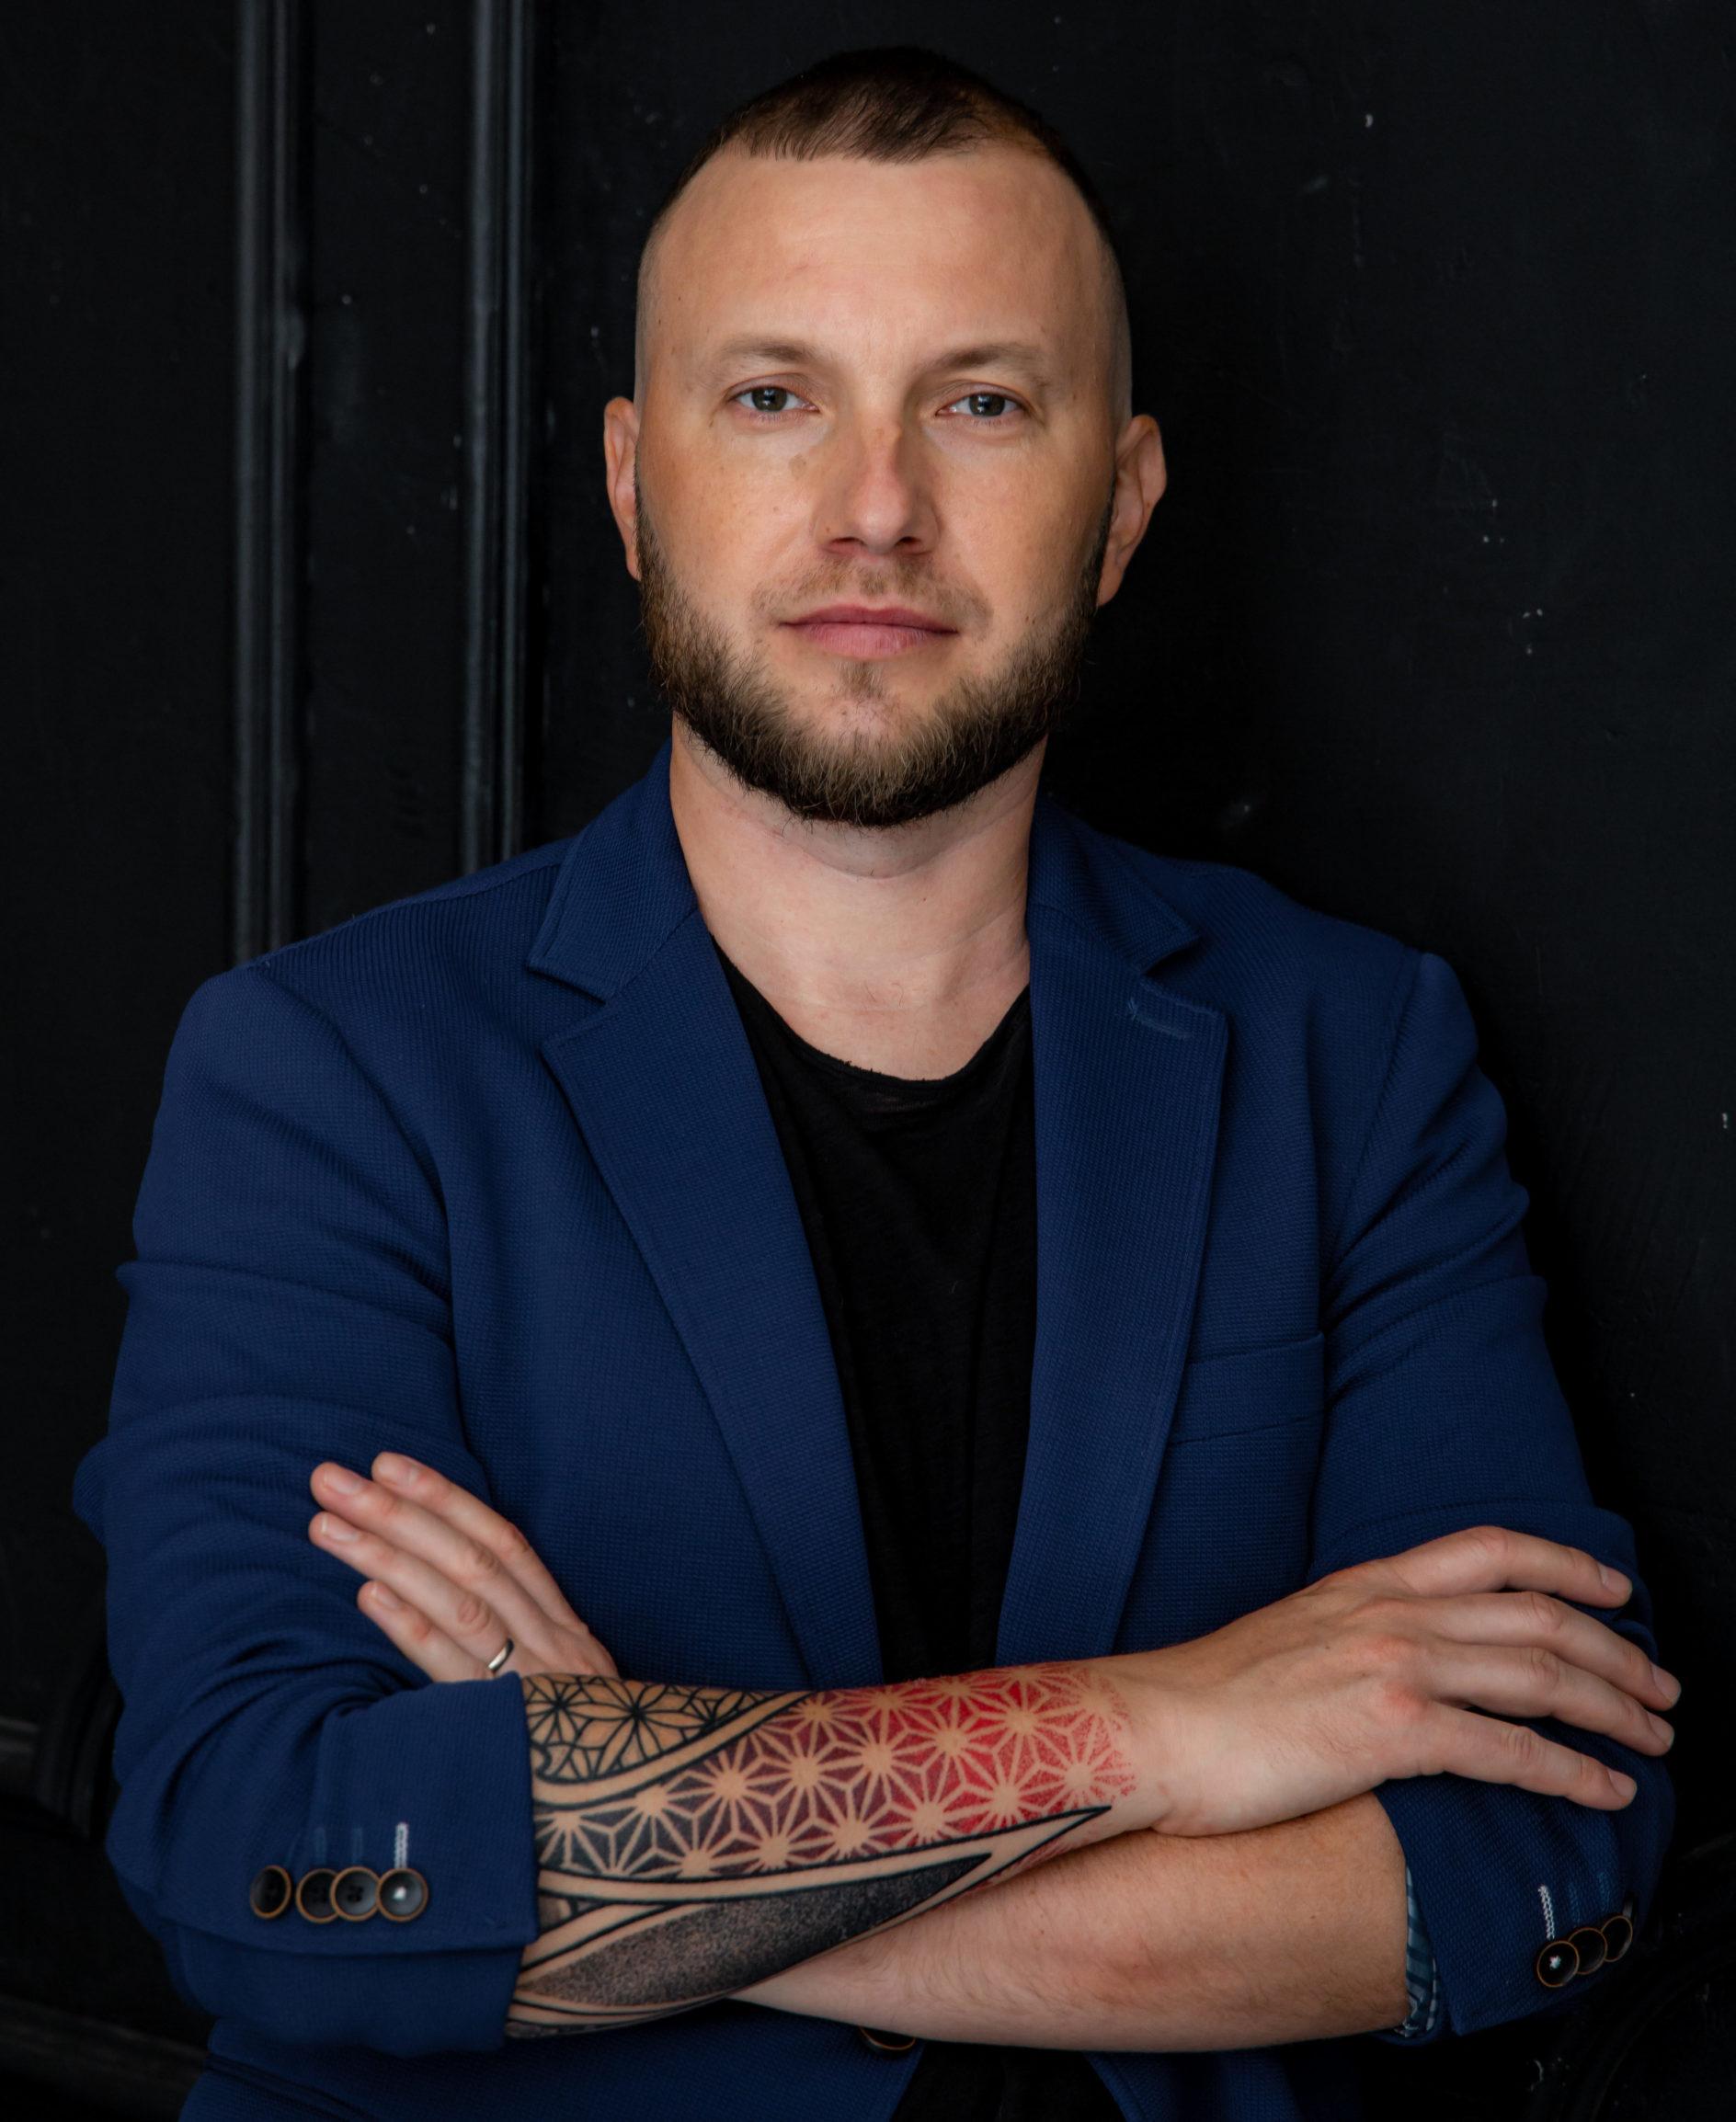 Олег Подстаницкий